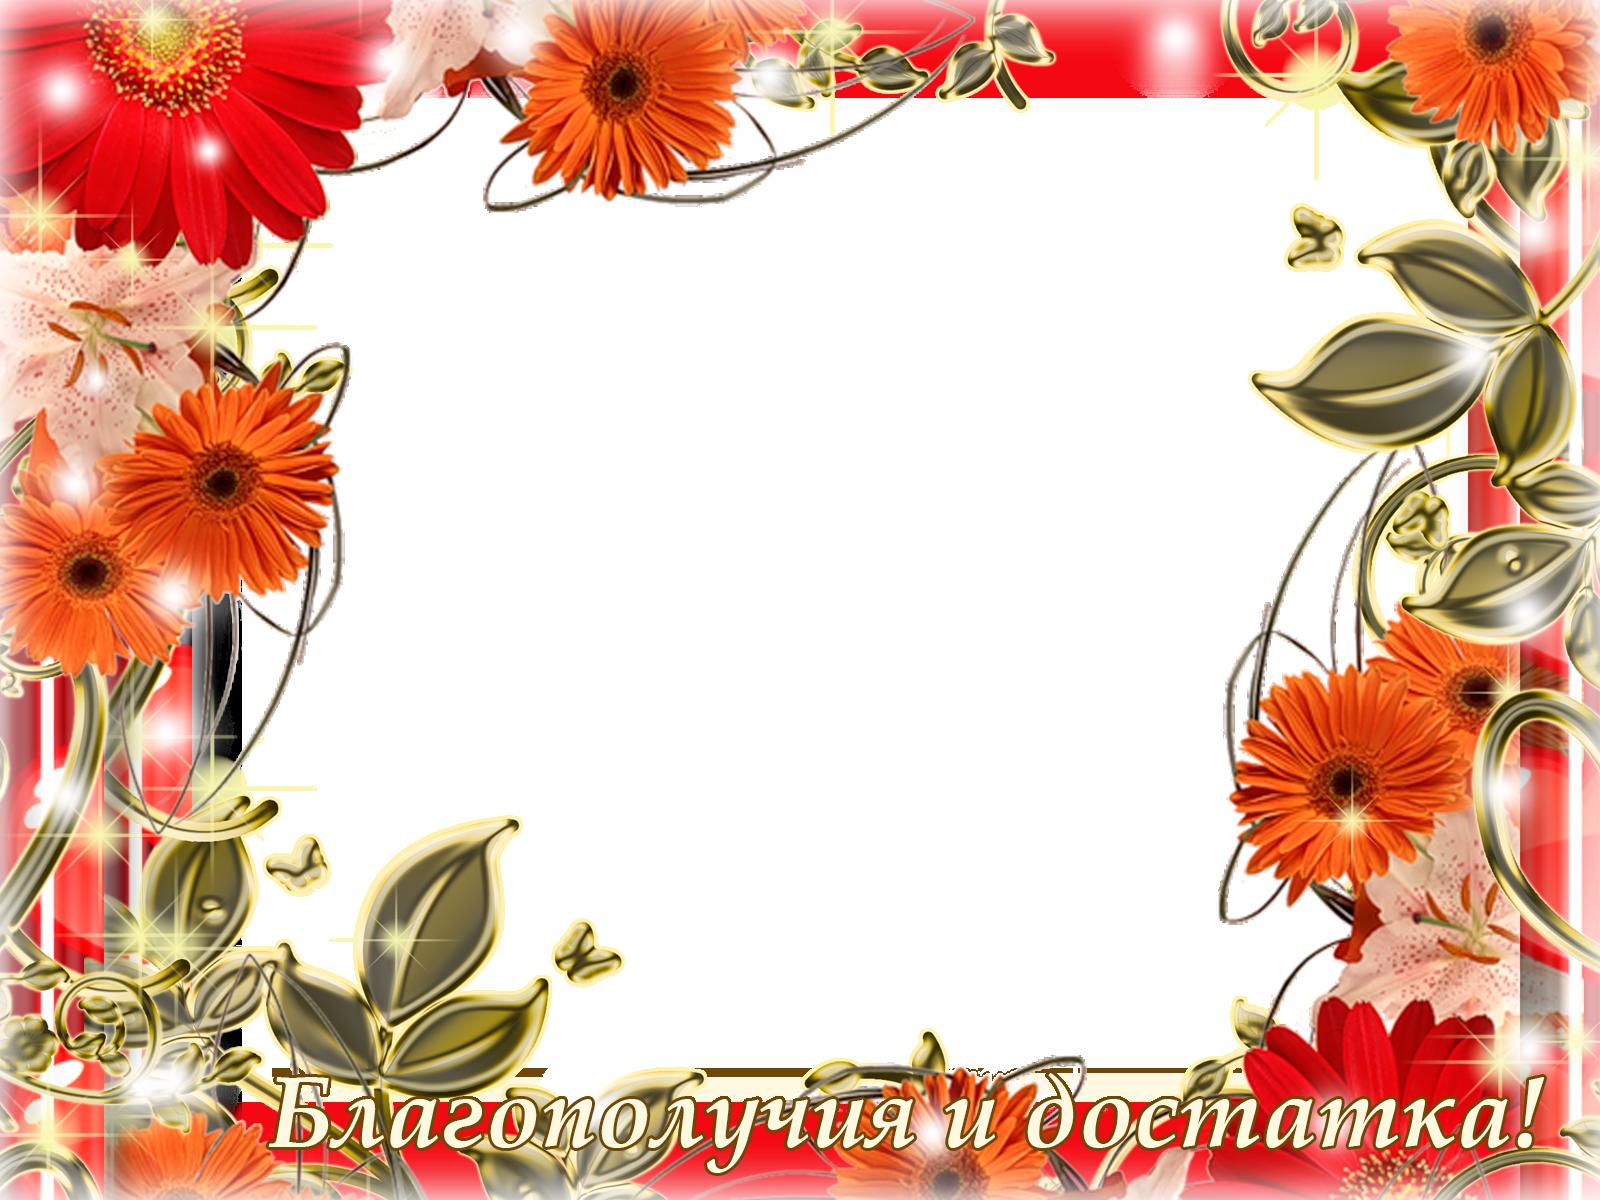 Фоторамка Благополучия и достатка! Фоторамка для фотошопа, PNG шаблон. Фоторамка с красными цветами, открытка на счастье, пожелание благополучия и достатка.